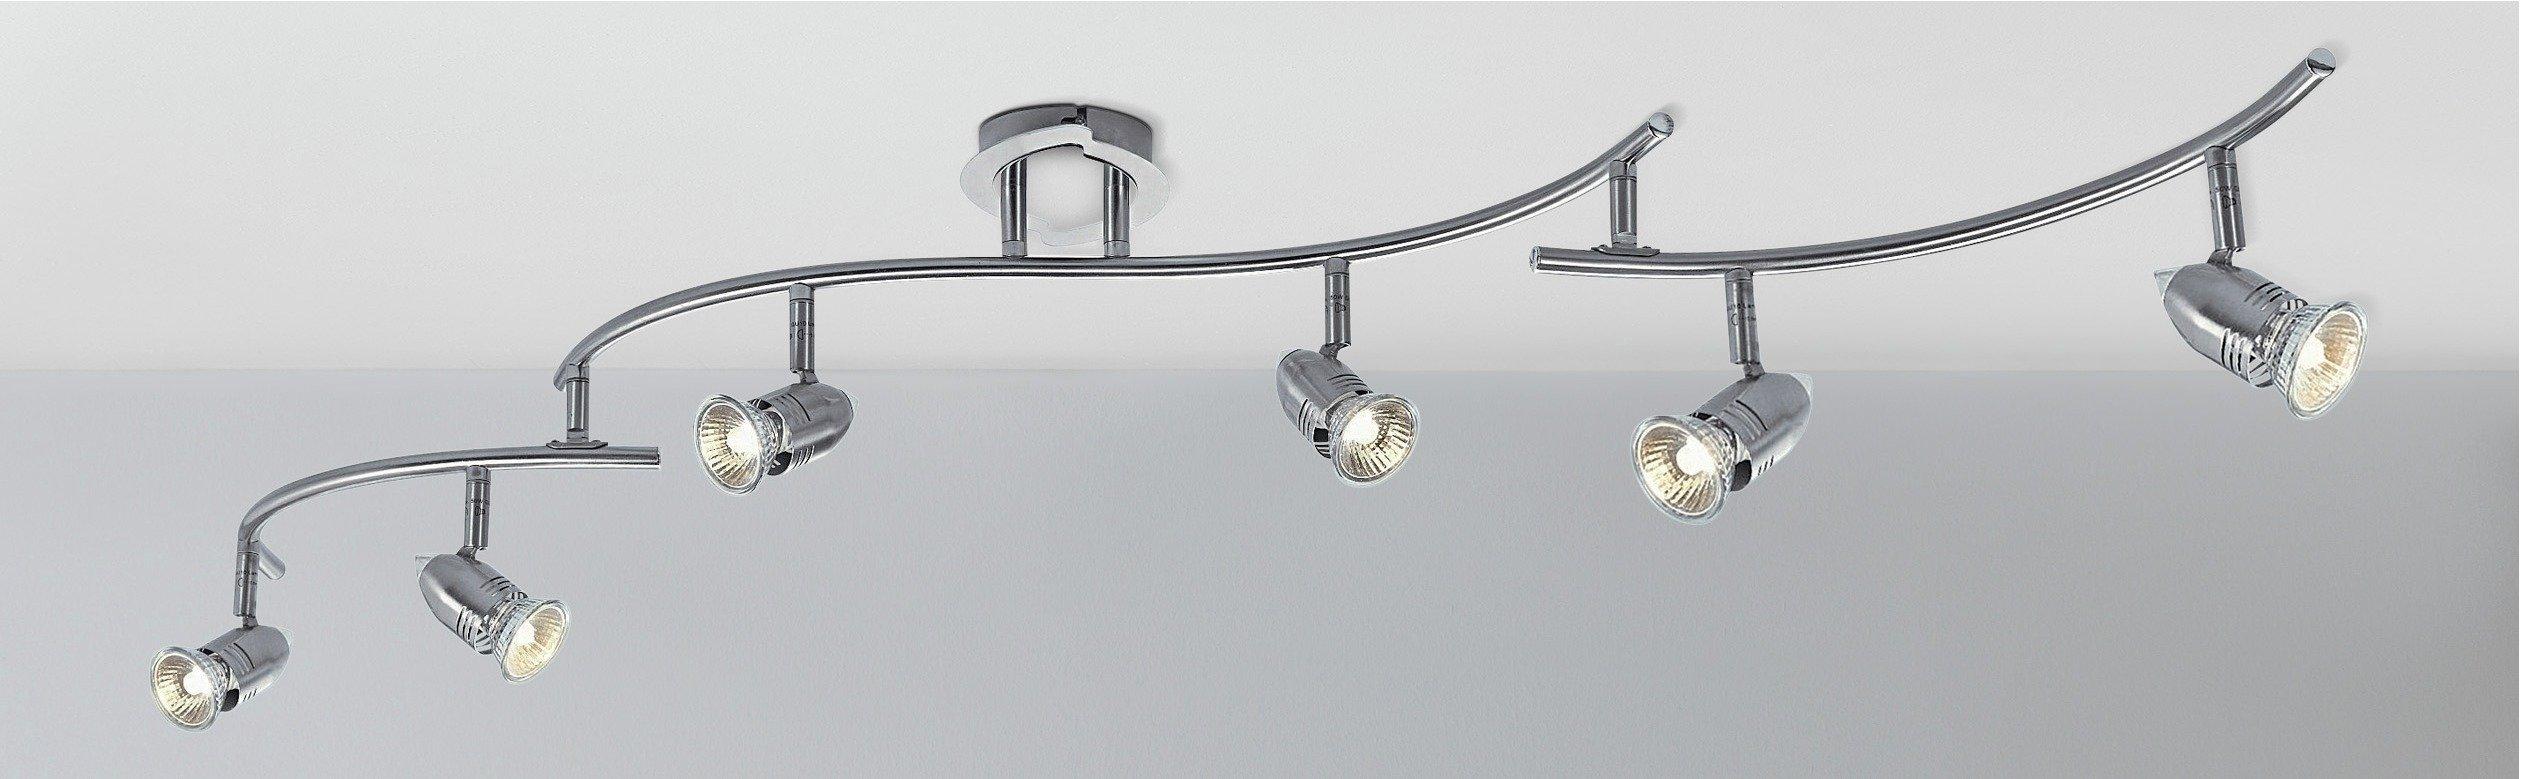 Argos Home Norton 6 Light Folding Ceiling Bar - Chrome